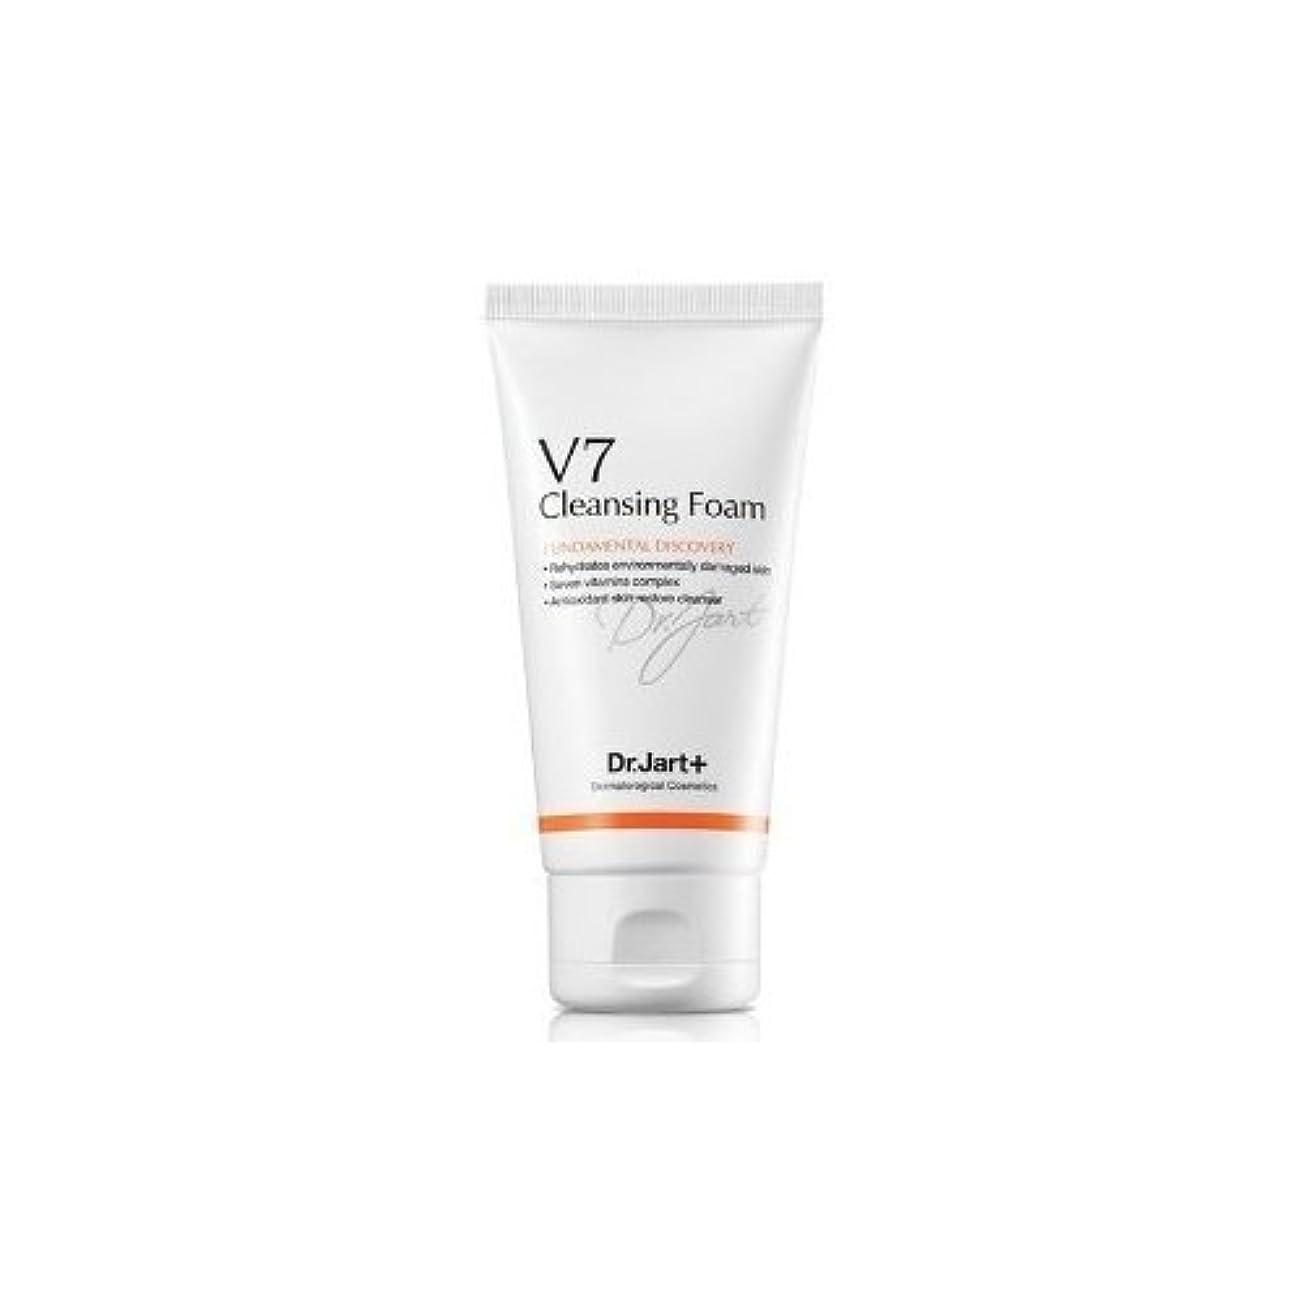 抑制読者洗うDr. Jart V7 Cleansing Foam-3.4 oz.